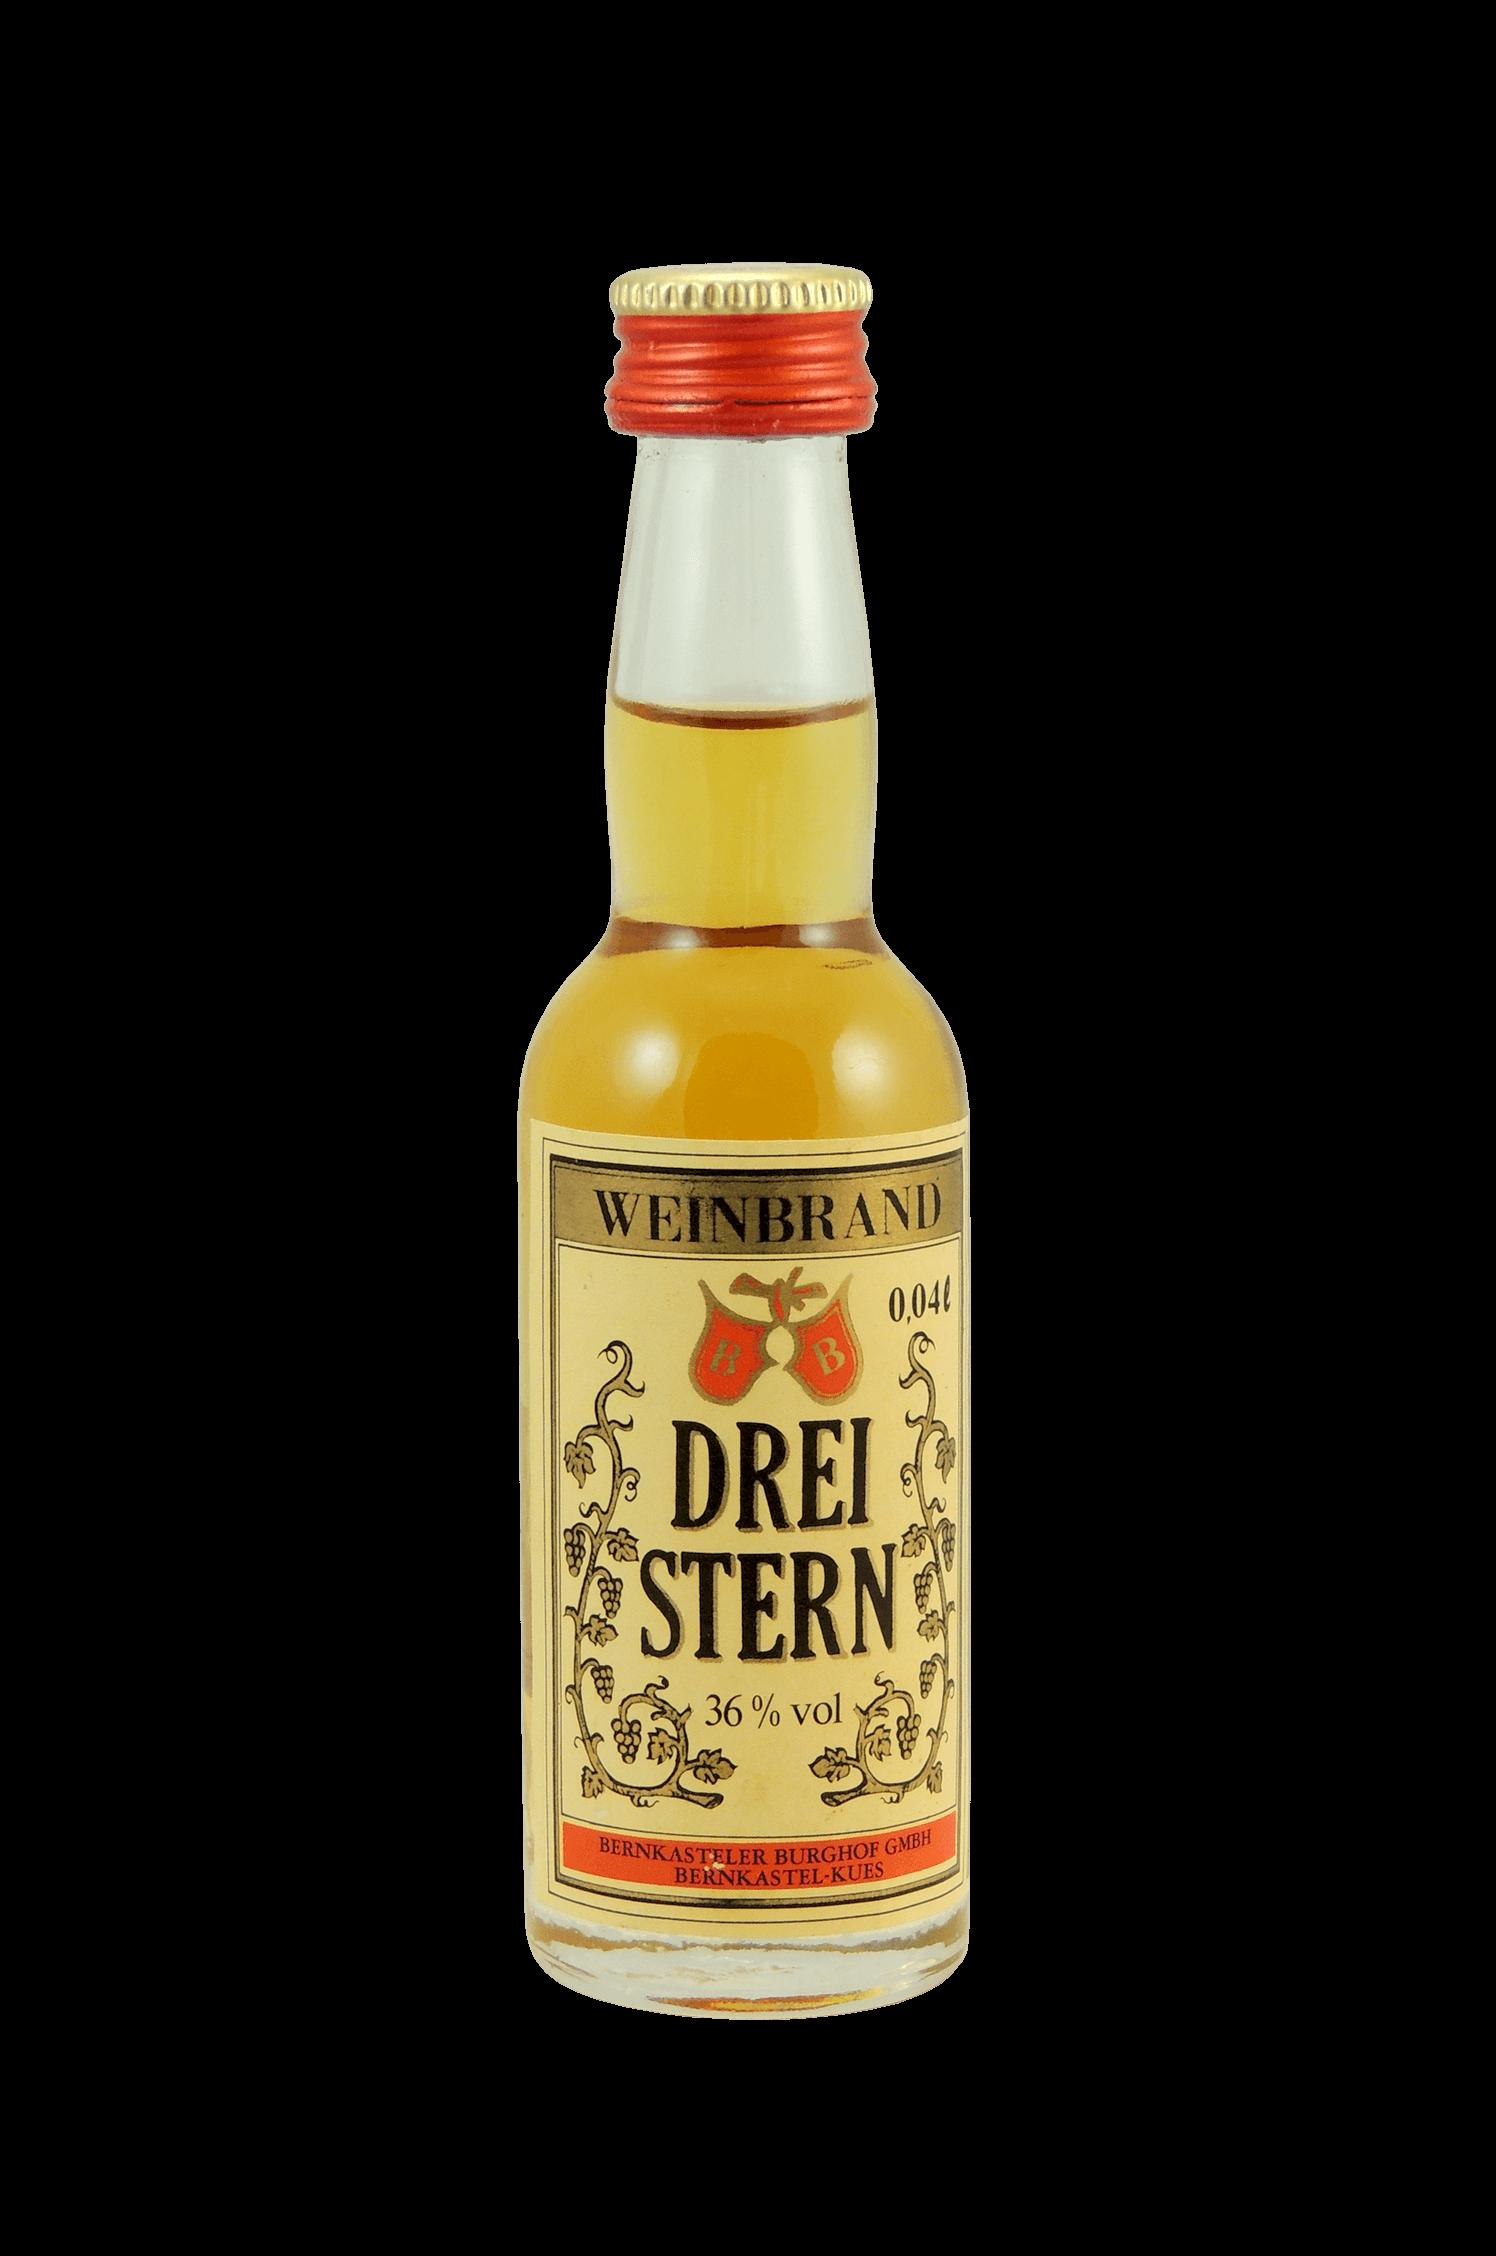 Weinbrand Drei Stern